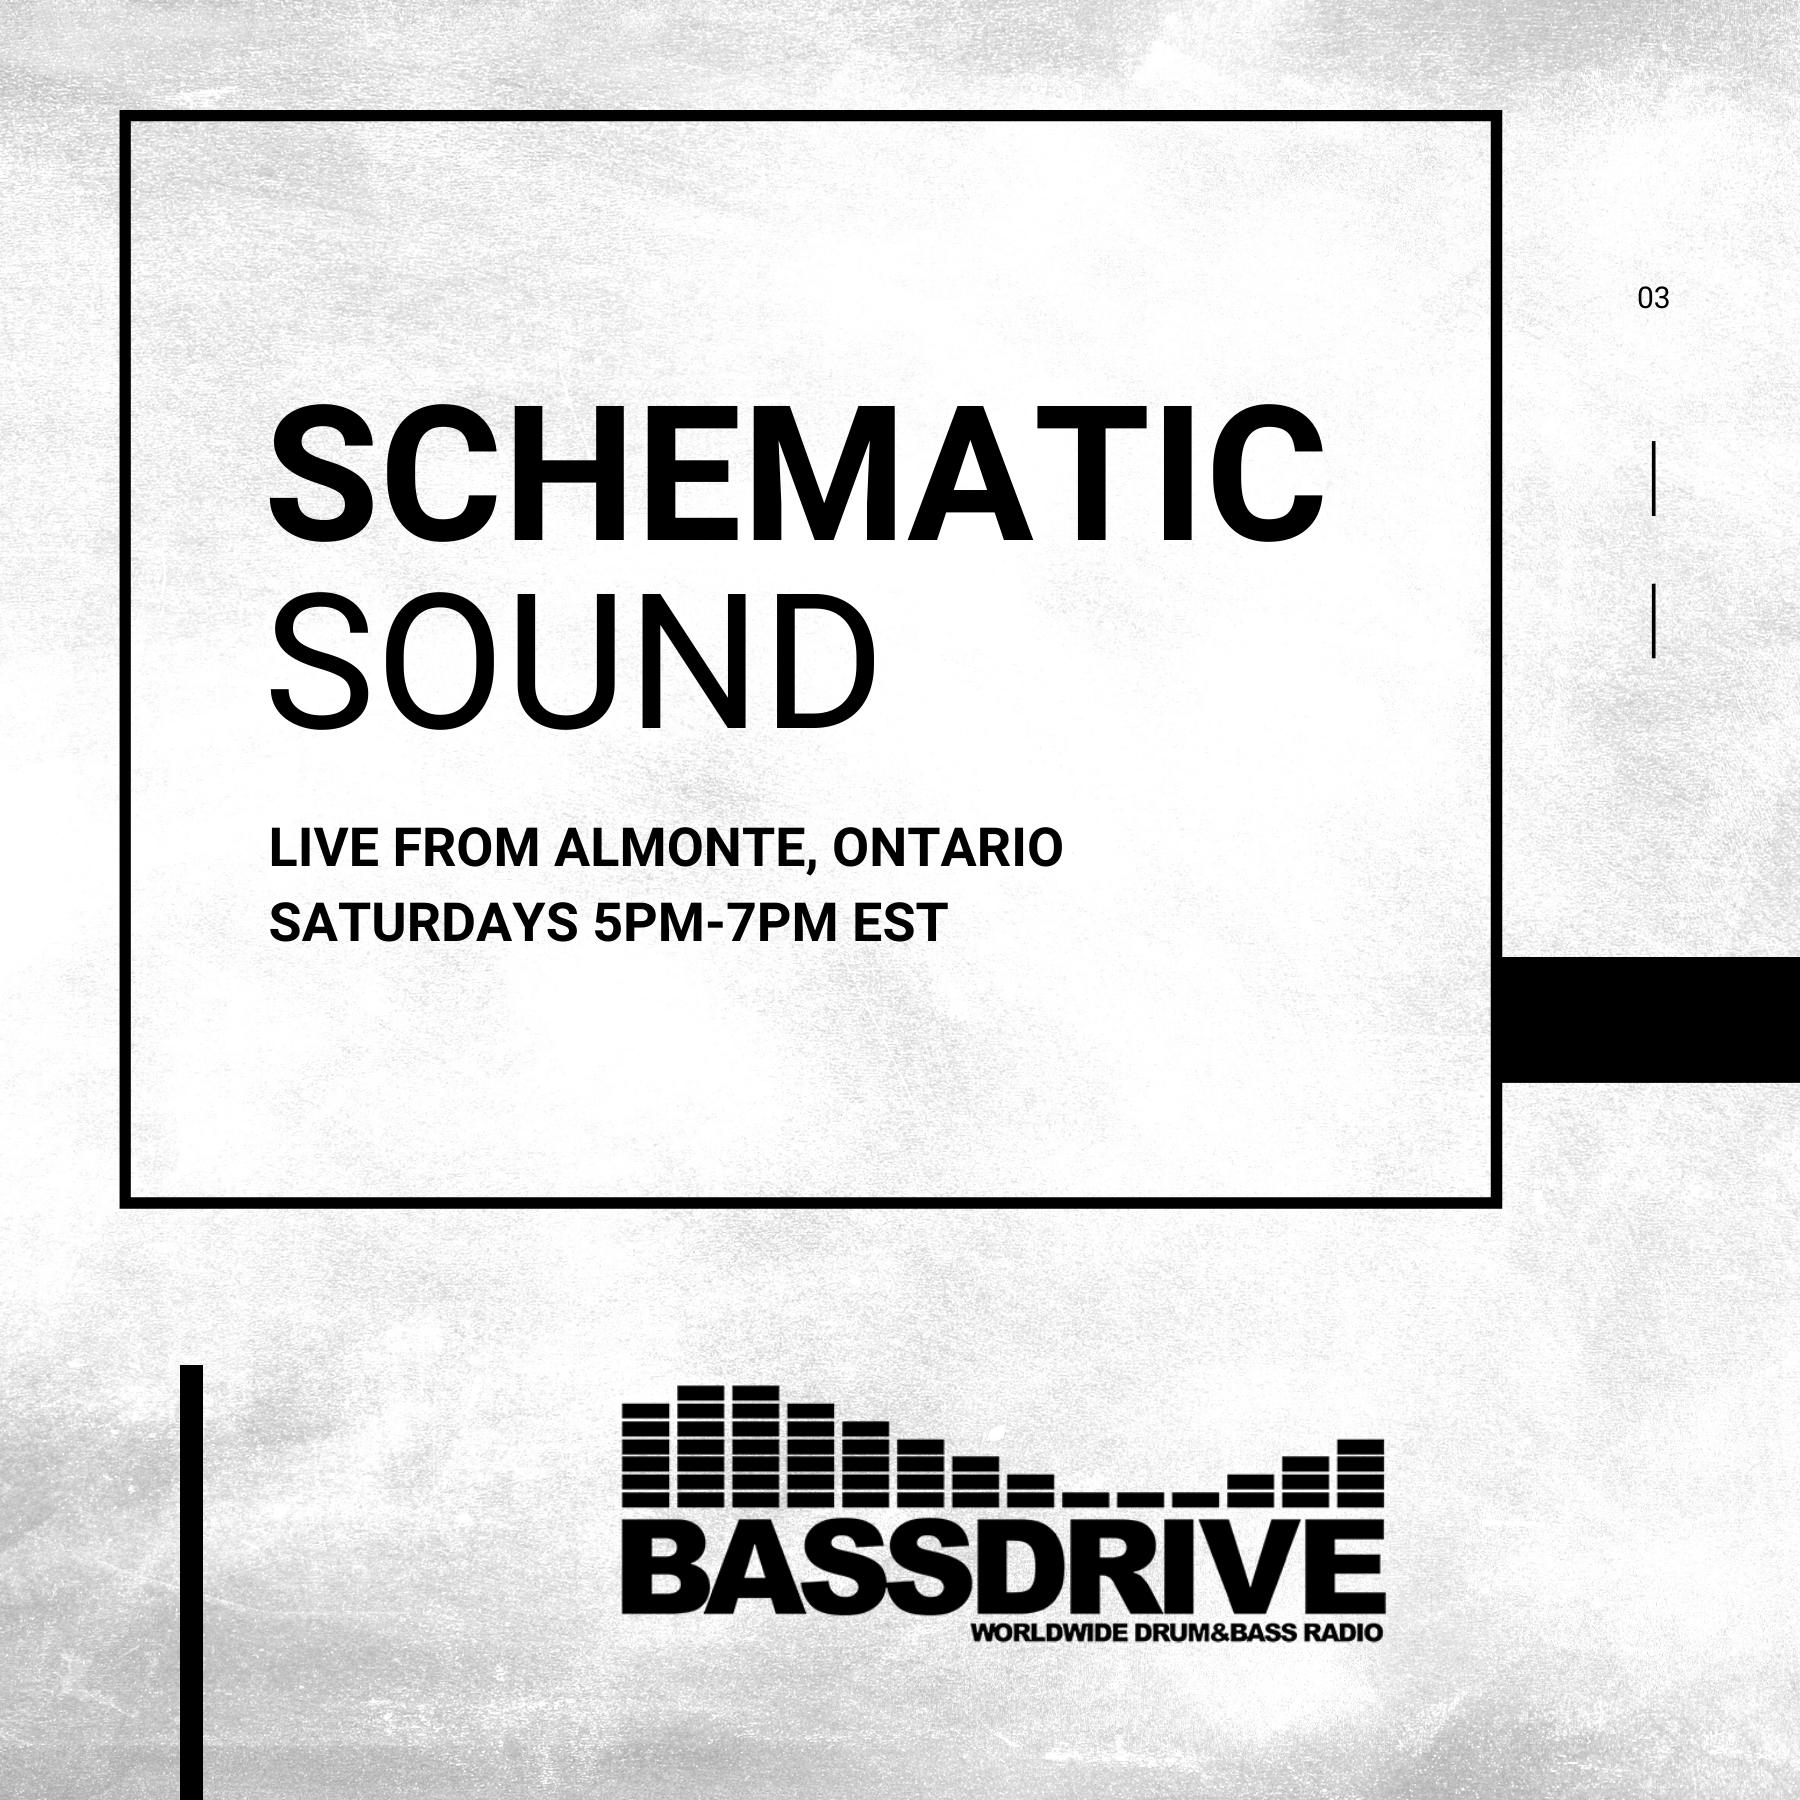 Schematic Sound LIVE on Bassdrive 03-13-2021